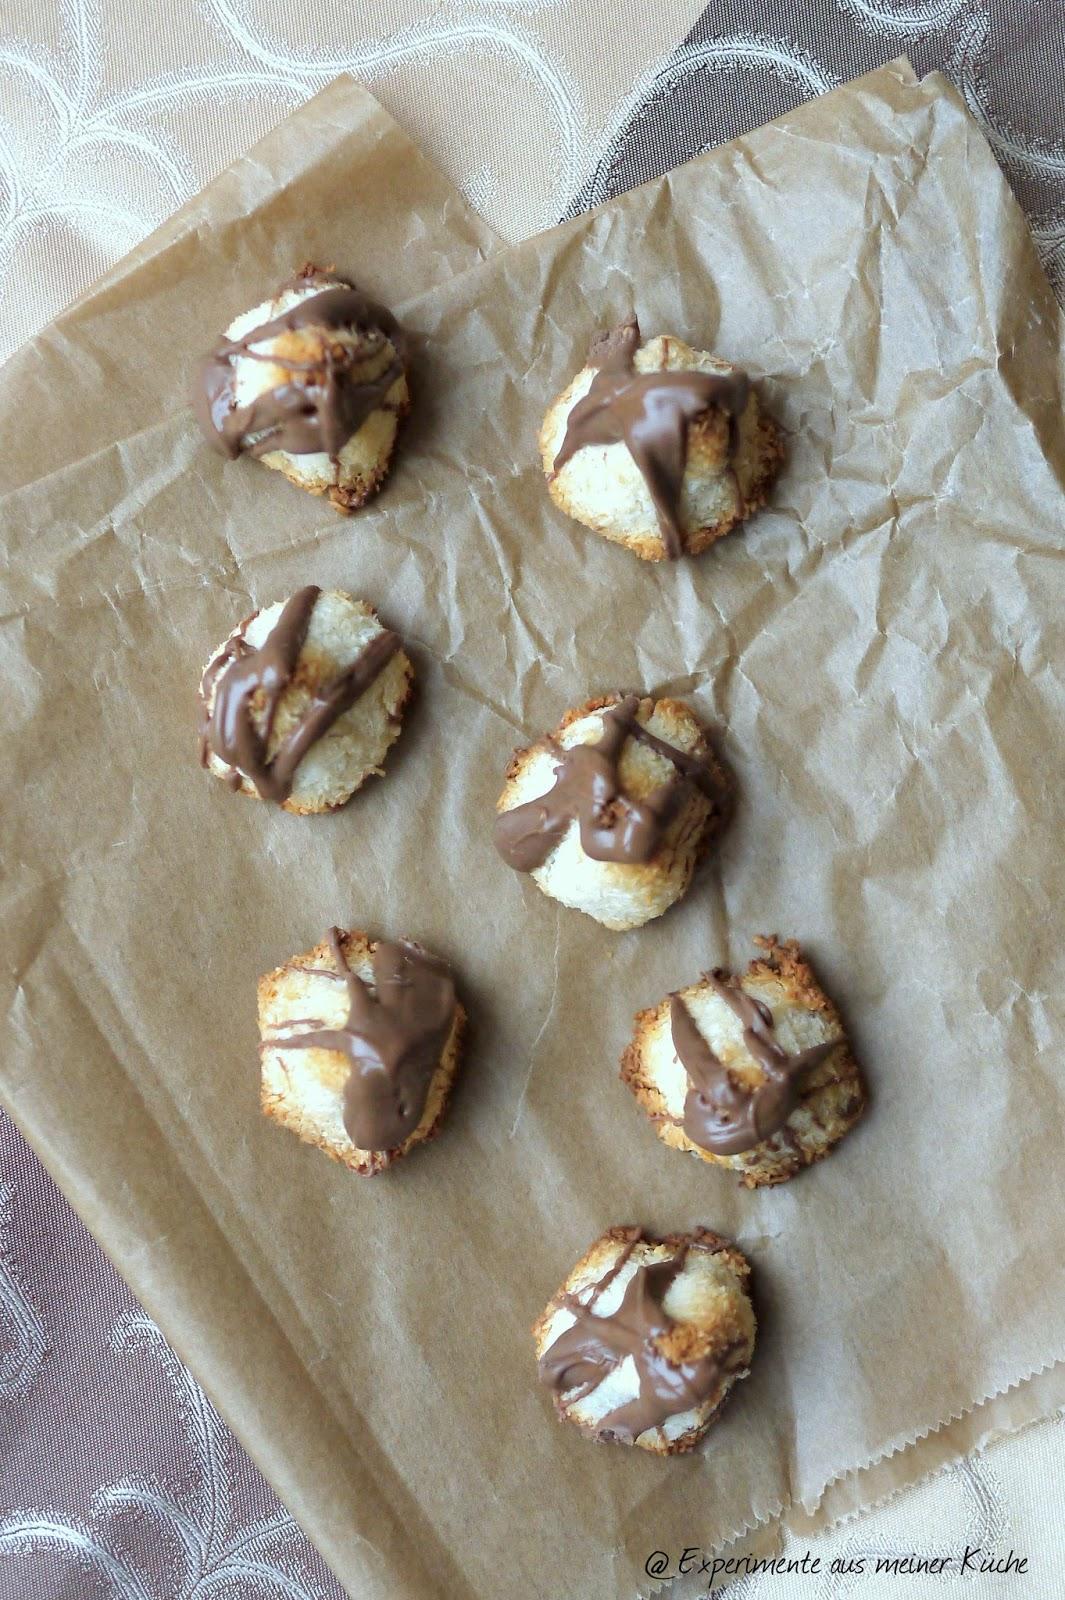 Experimente aus meiner Küche: Marzipan-Kokos-Berge [Weihnachtsbäckerei]